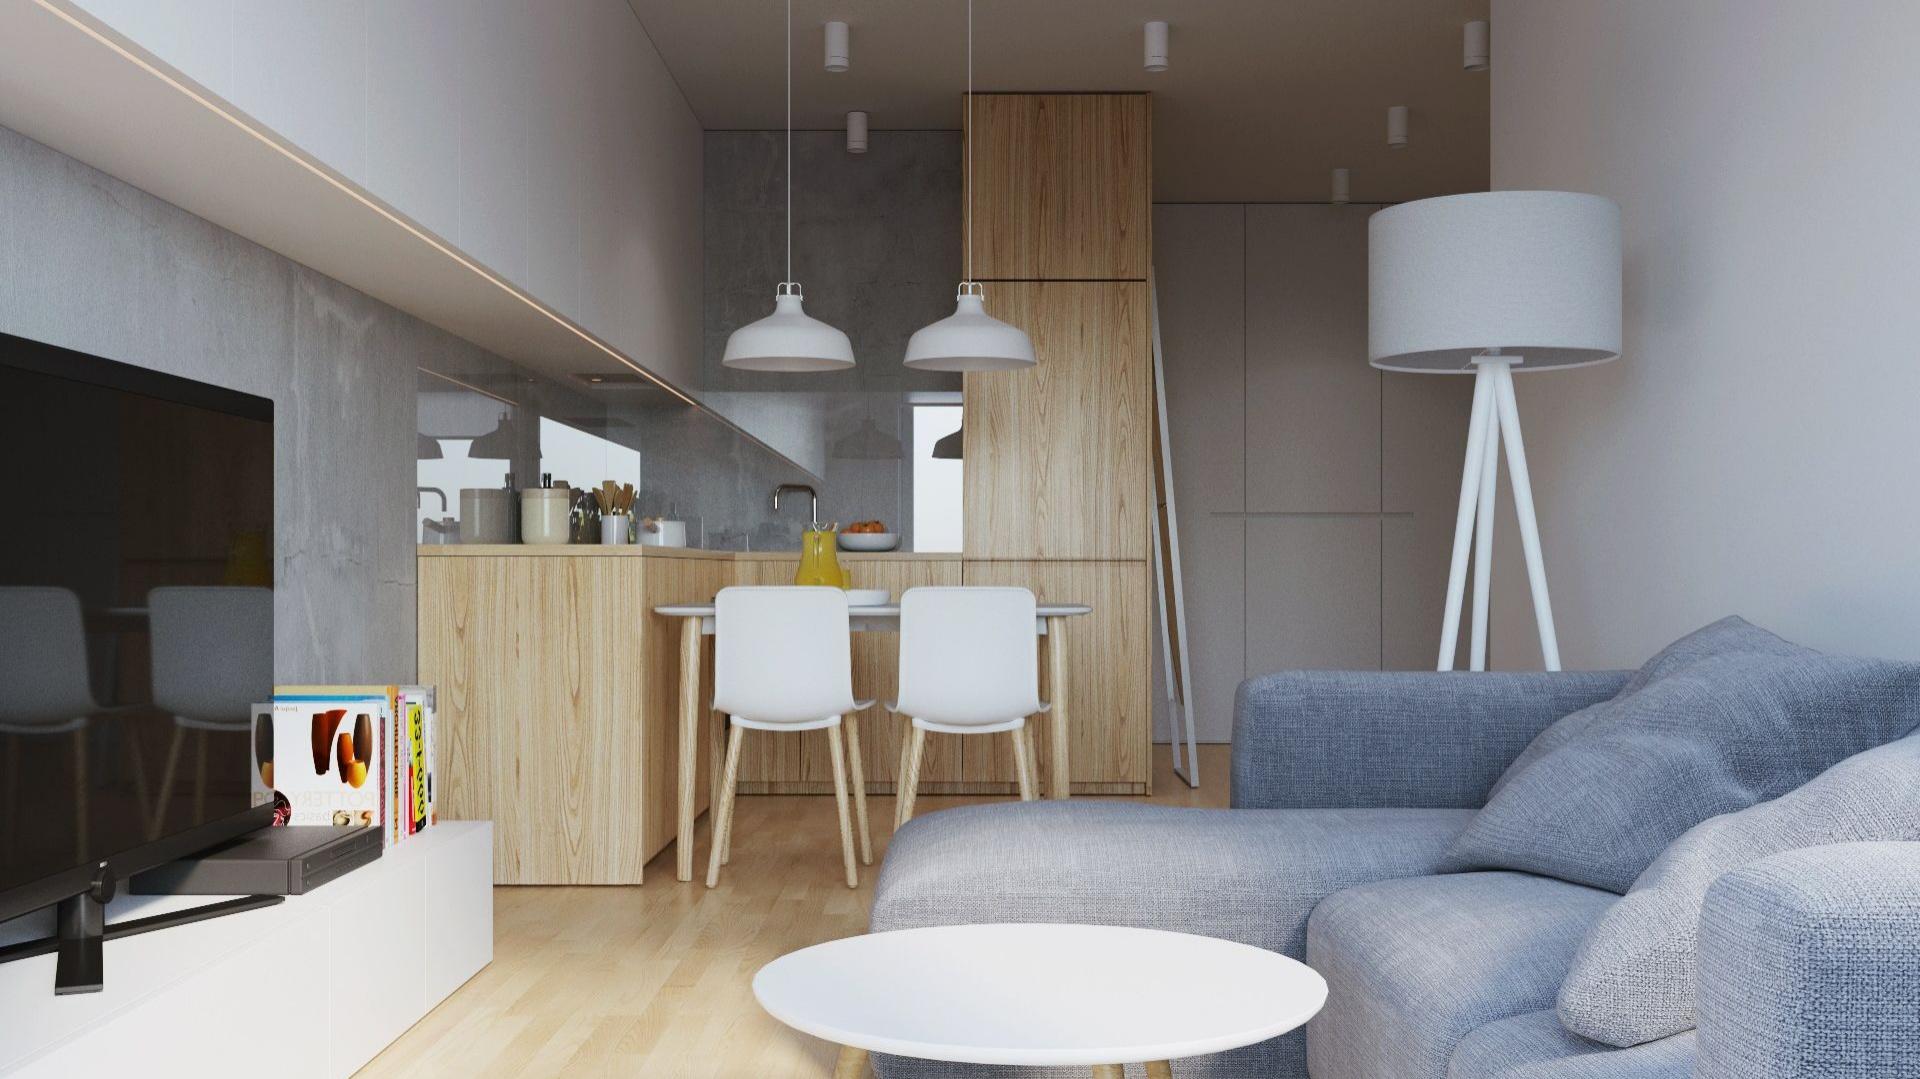 Serce mieszkania stanowi otwarta strefa dzienna, w obrębie której urządzono kuchnię otwartą na salon oraz niewielką jadalnię, wyznaczającą granicę pomiędzy dwiema strefami. Projekt i wizualizacje: 081 Architekci.